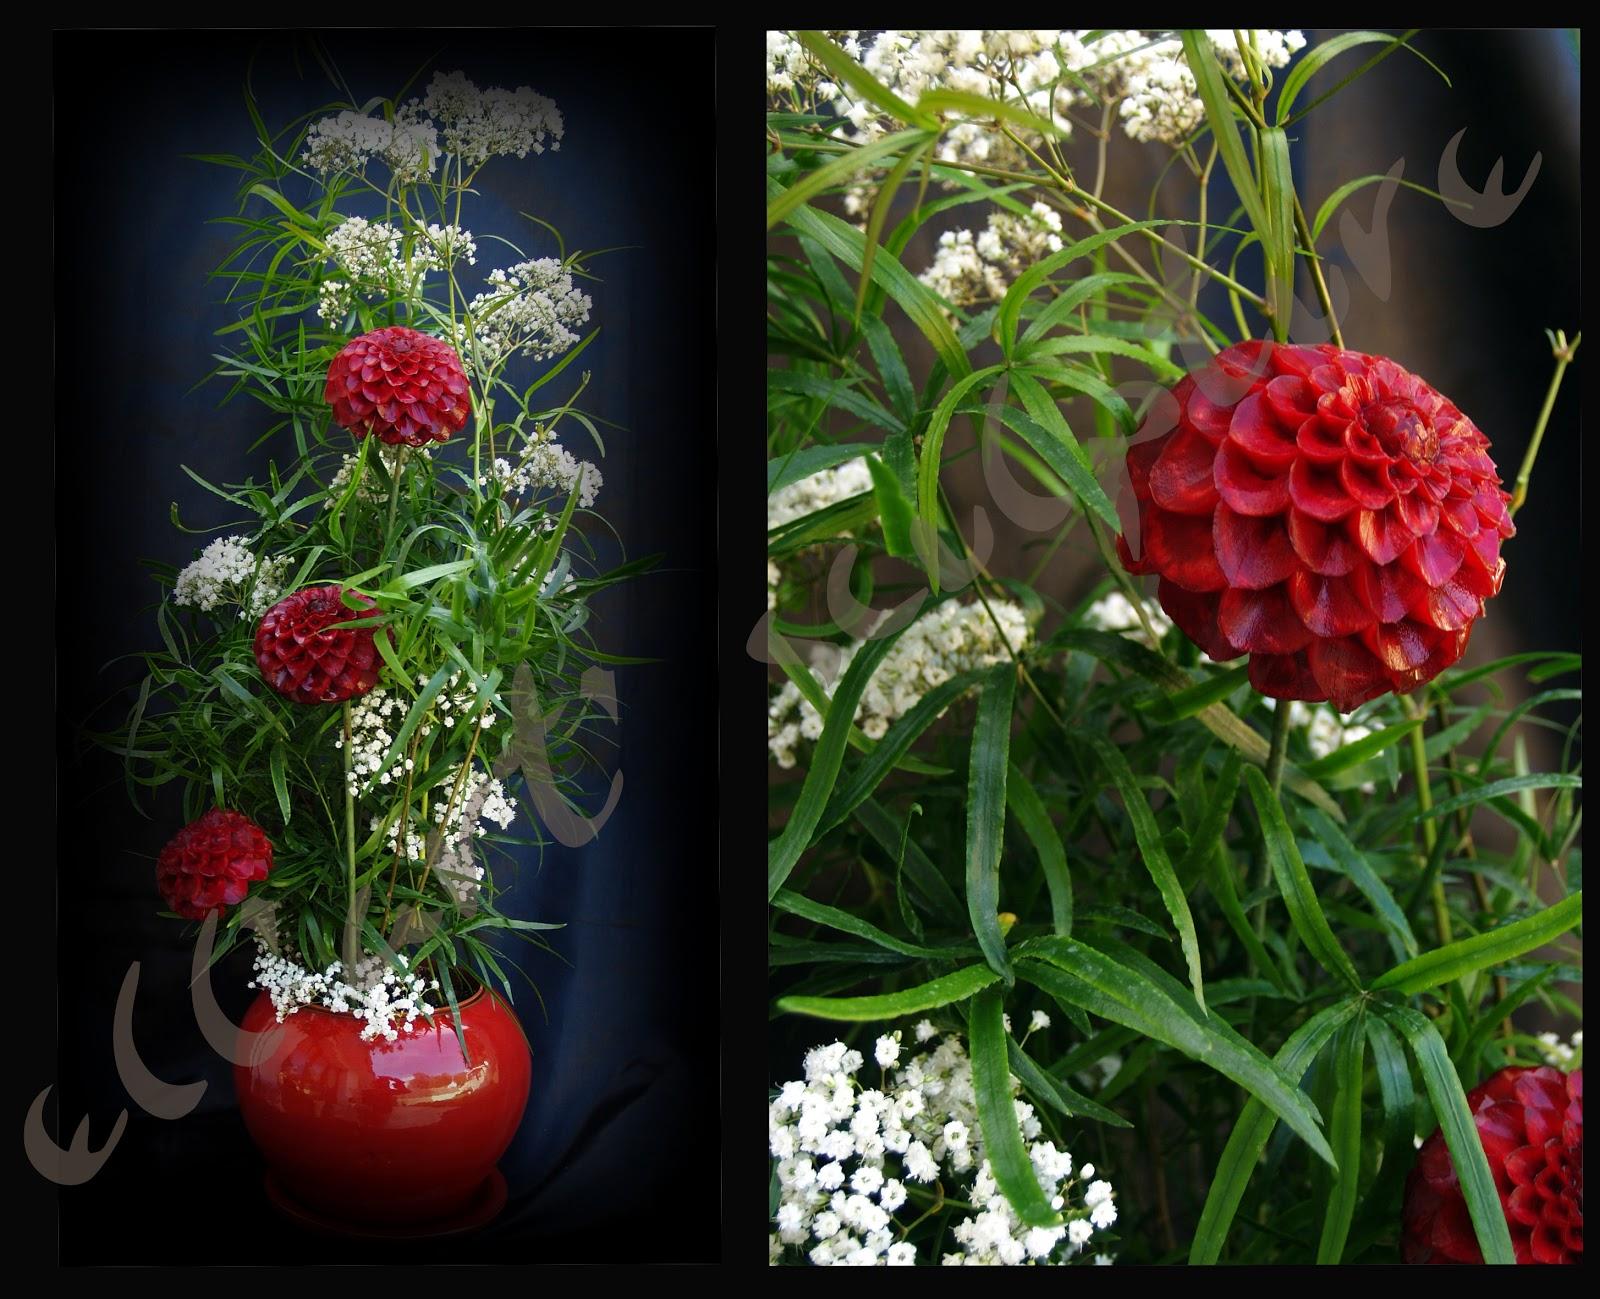 Ellart reynald sculpteur sur fruits et legumes composition florale - Composition florale avec fruits legumes ...